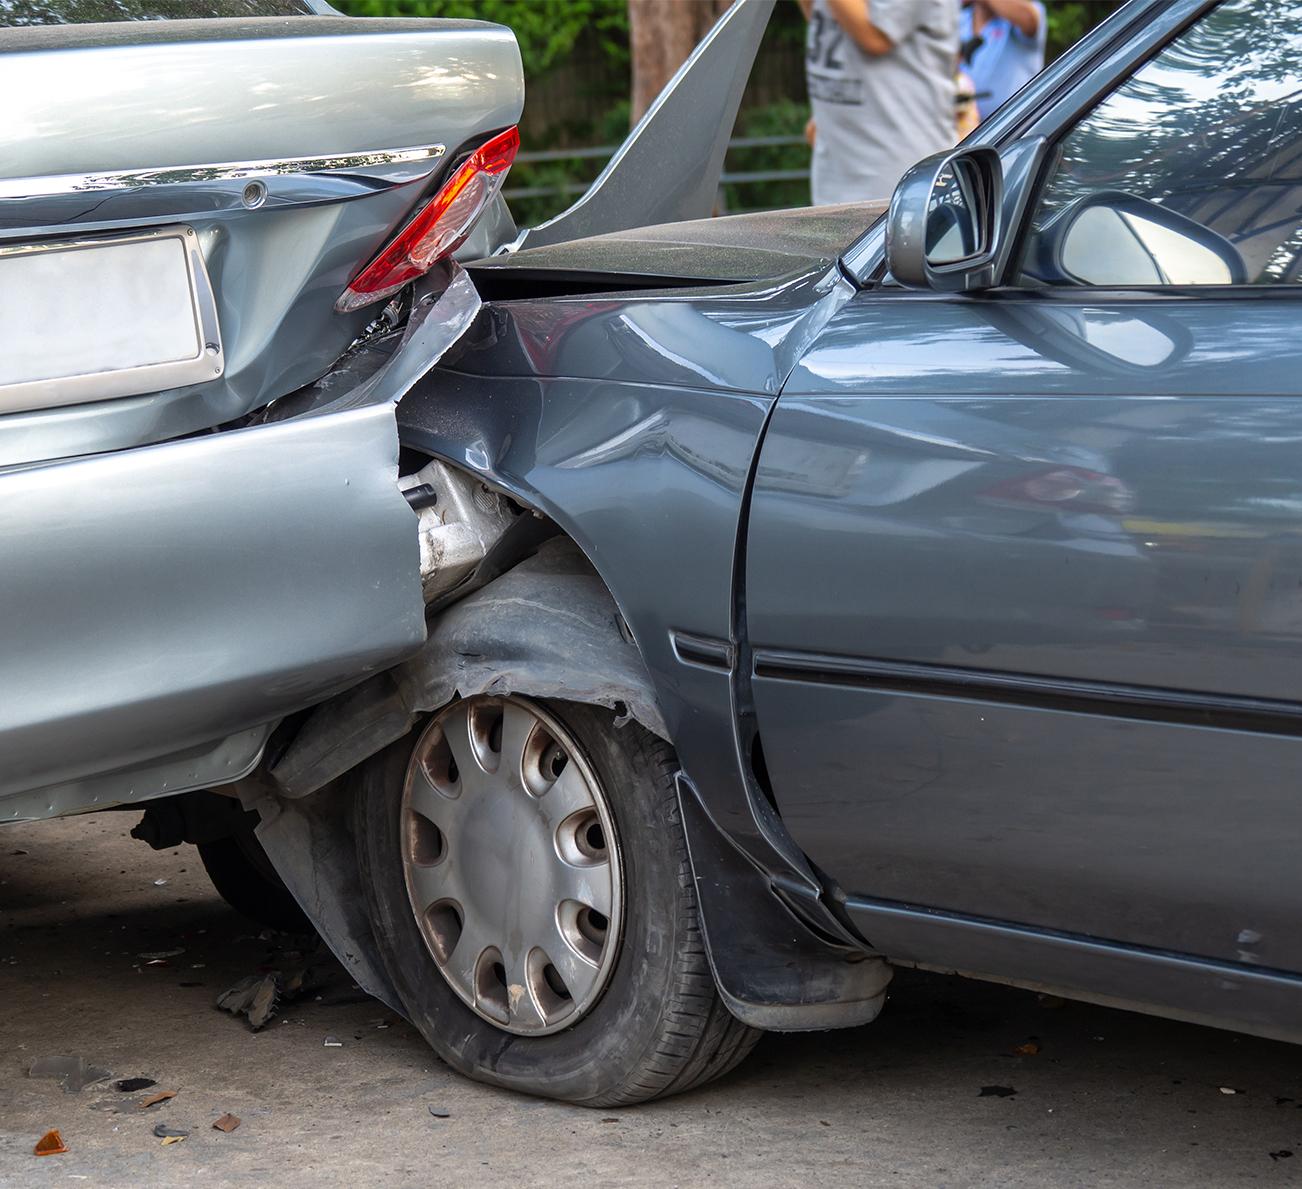 Automobilio Kasko draudimas